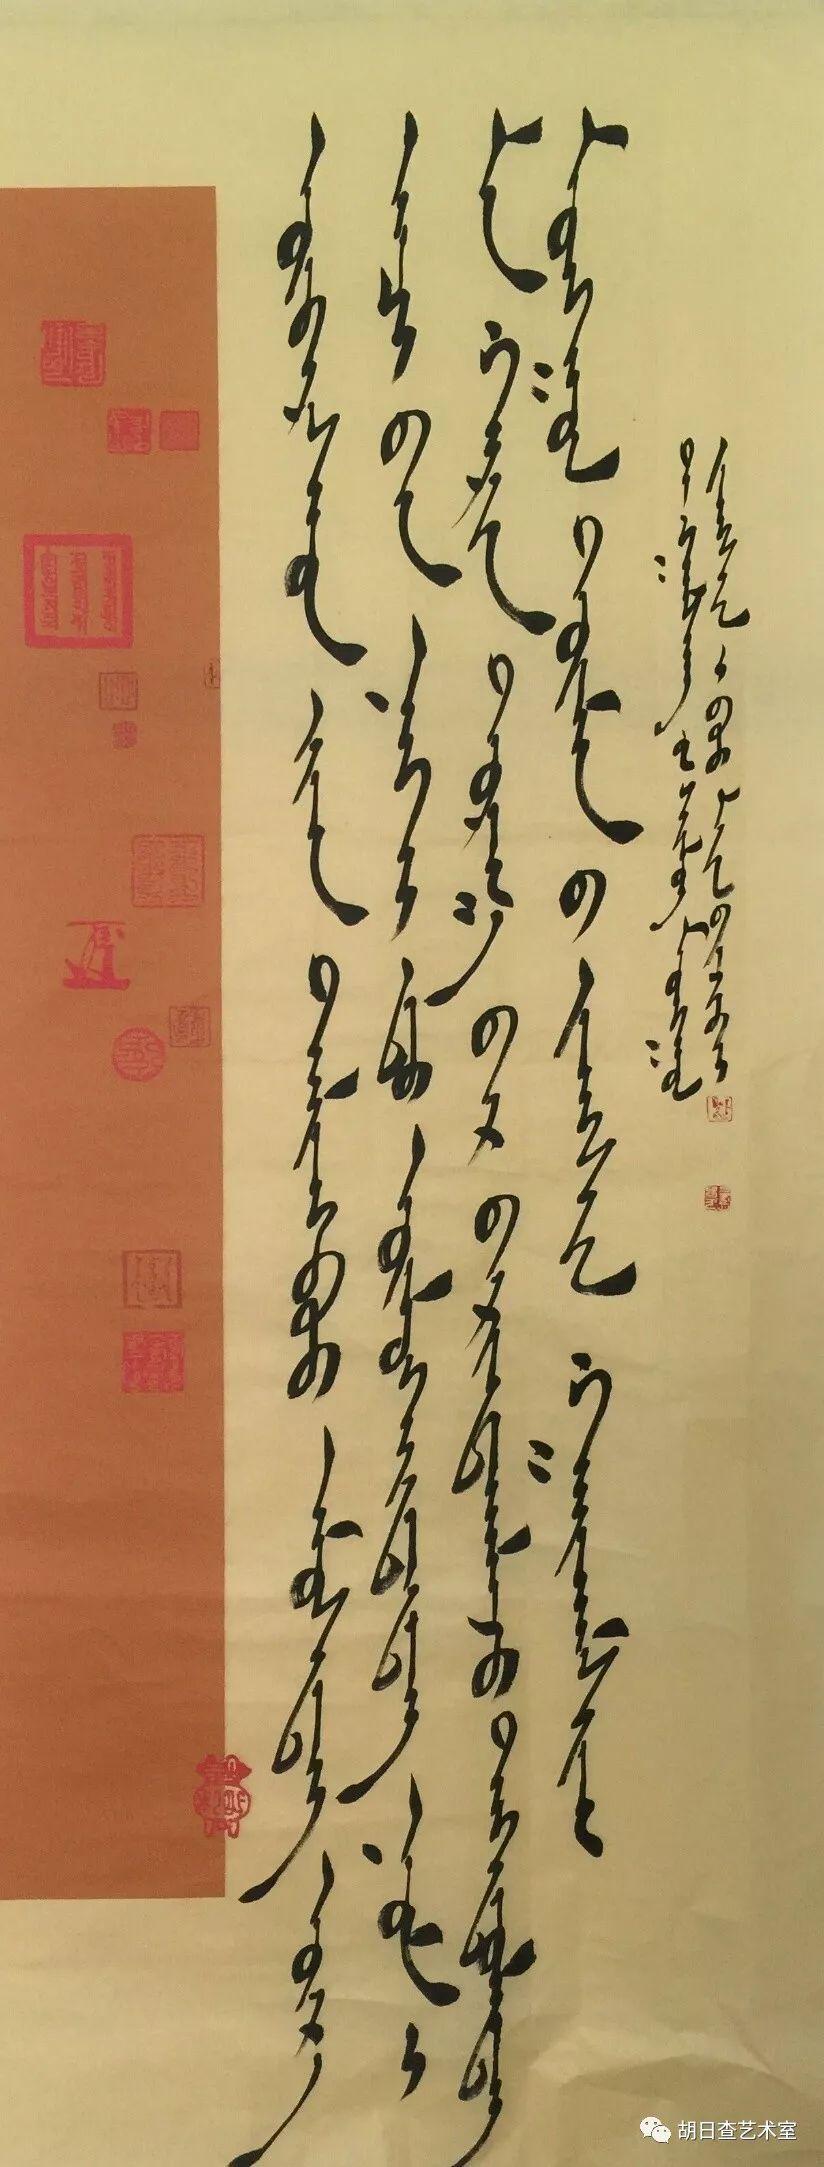 敖宝林 • 蒙古文书法作品欣赏 第6张